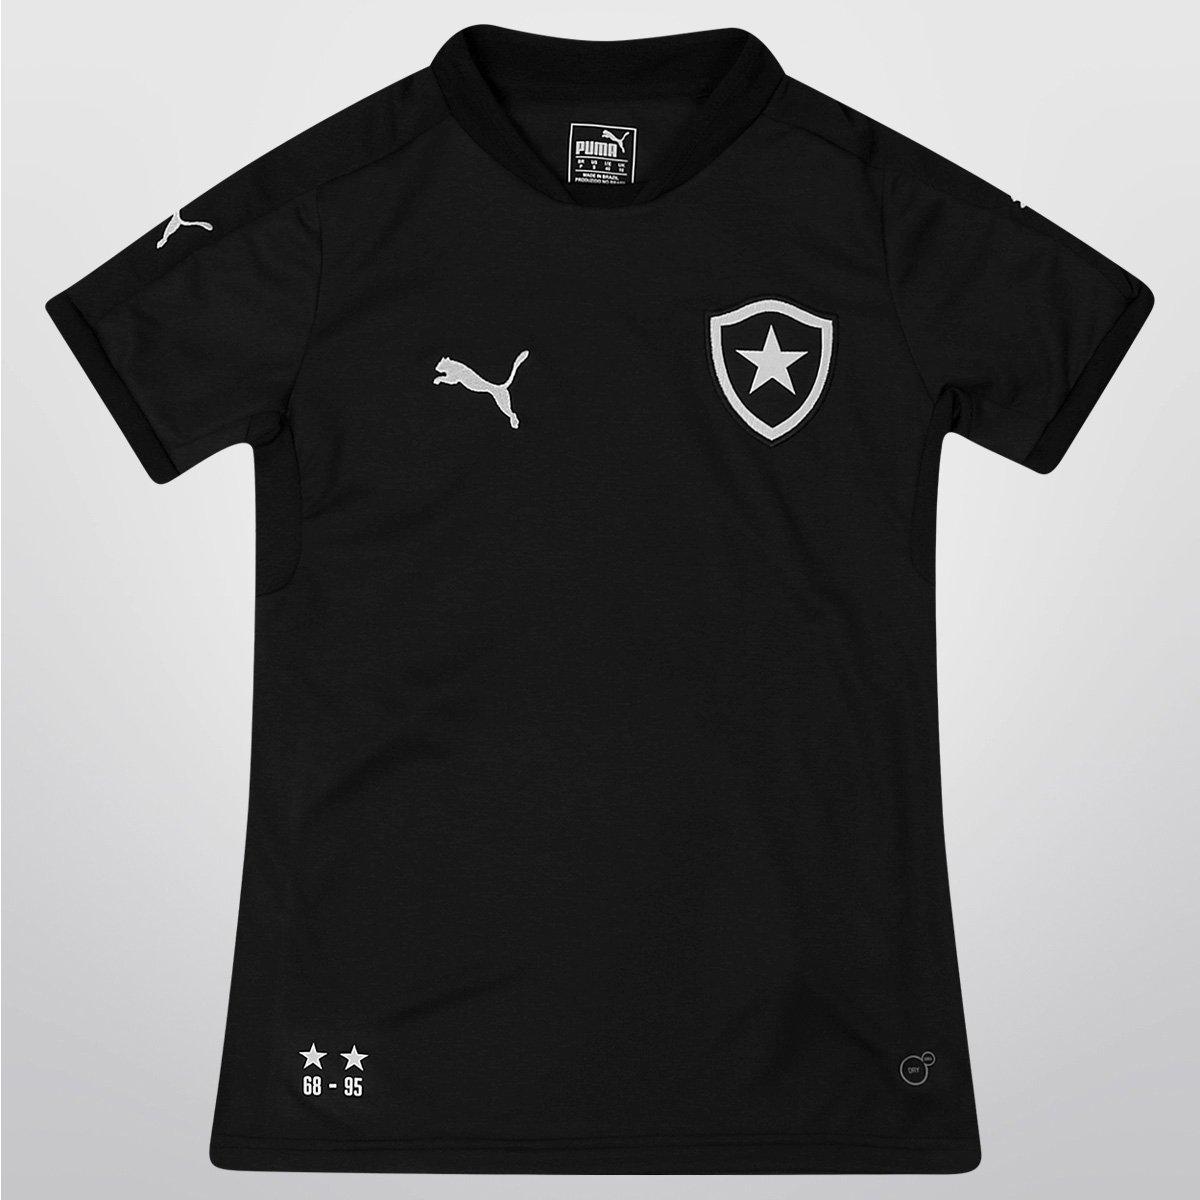 115b535a9394c Camisa Feminina Puma Botafogo II 15 16 s nº - Compre Agora